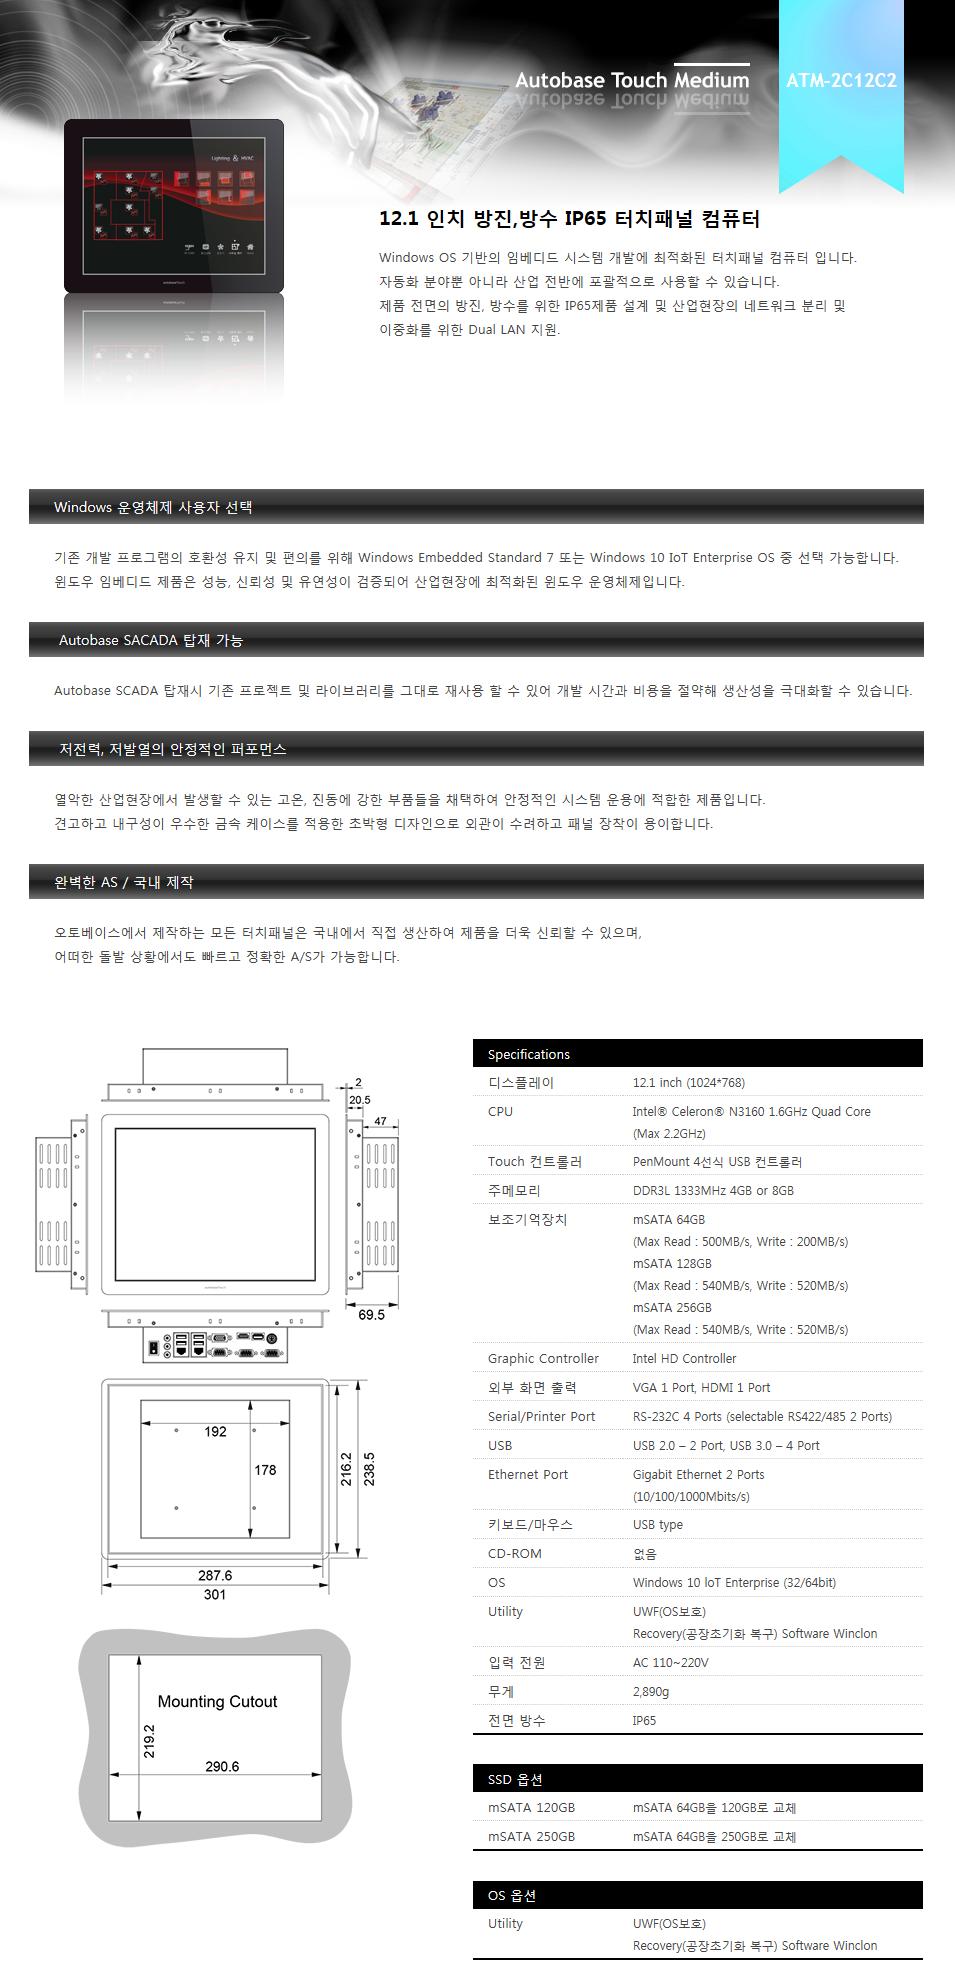 (주)오토베이스 12.1 인치 방진,방수 IP65 터치패널 컴퓨터 ATM-2C12C2